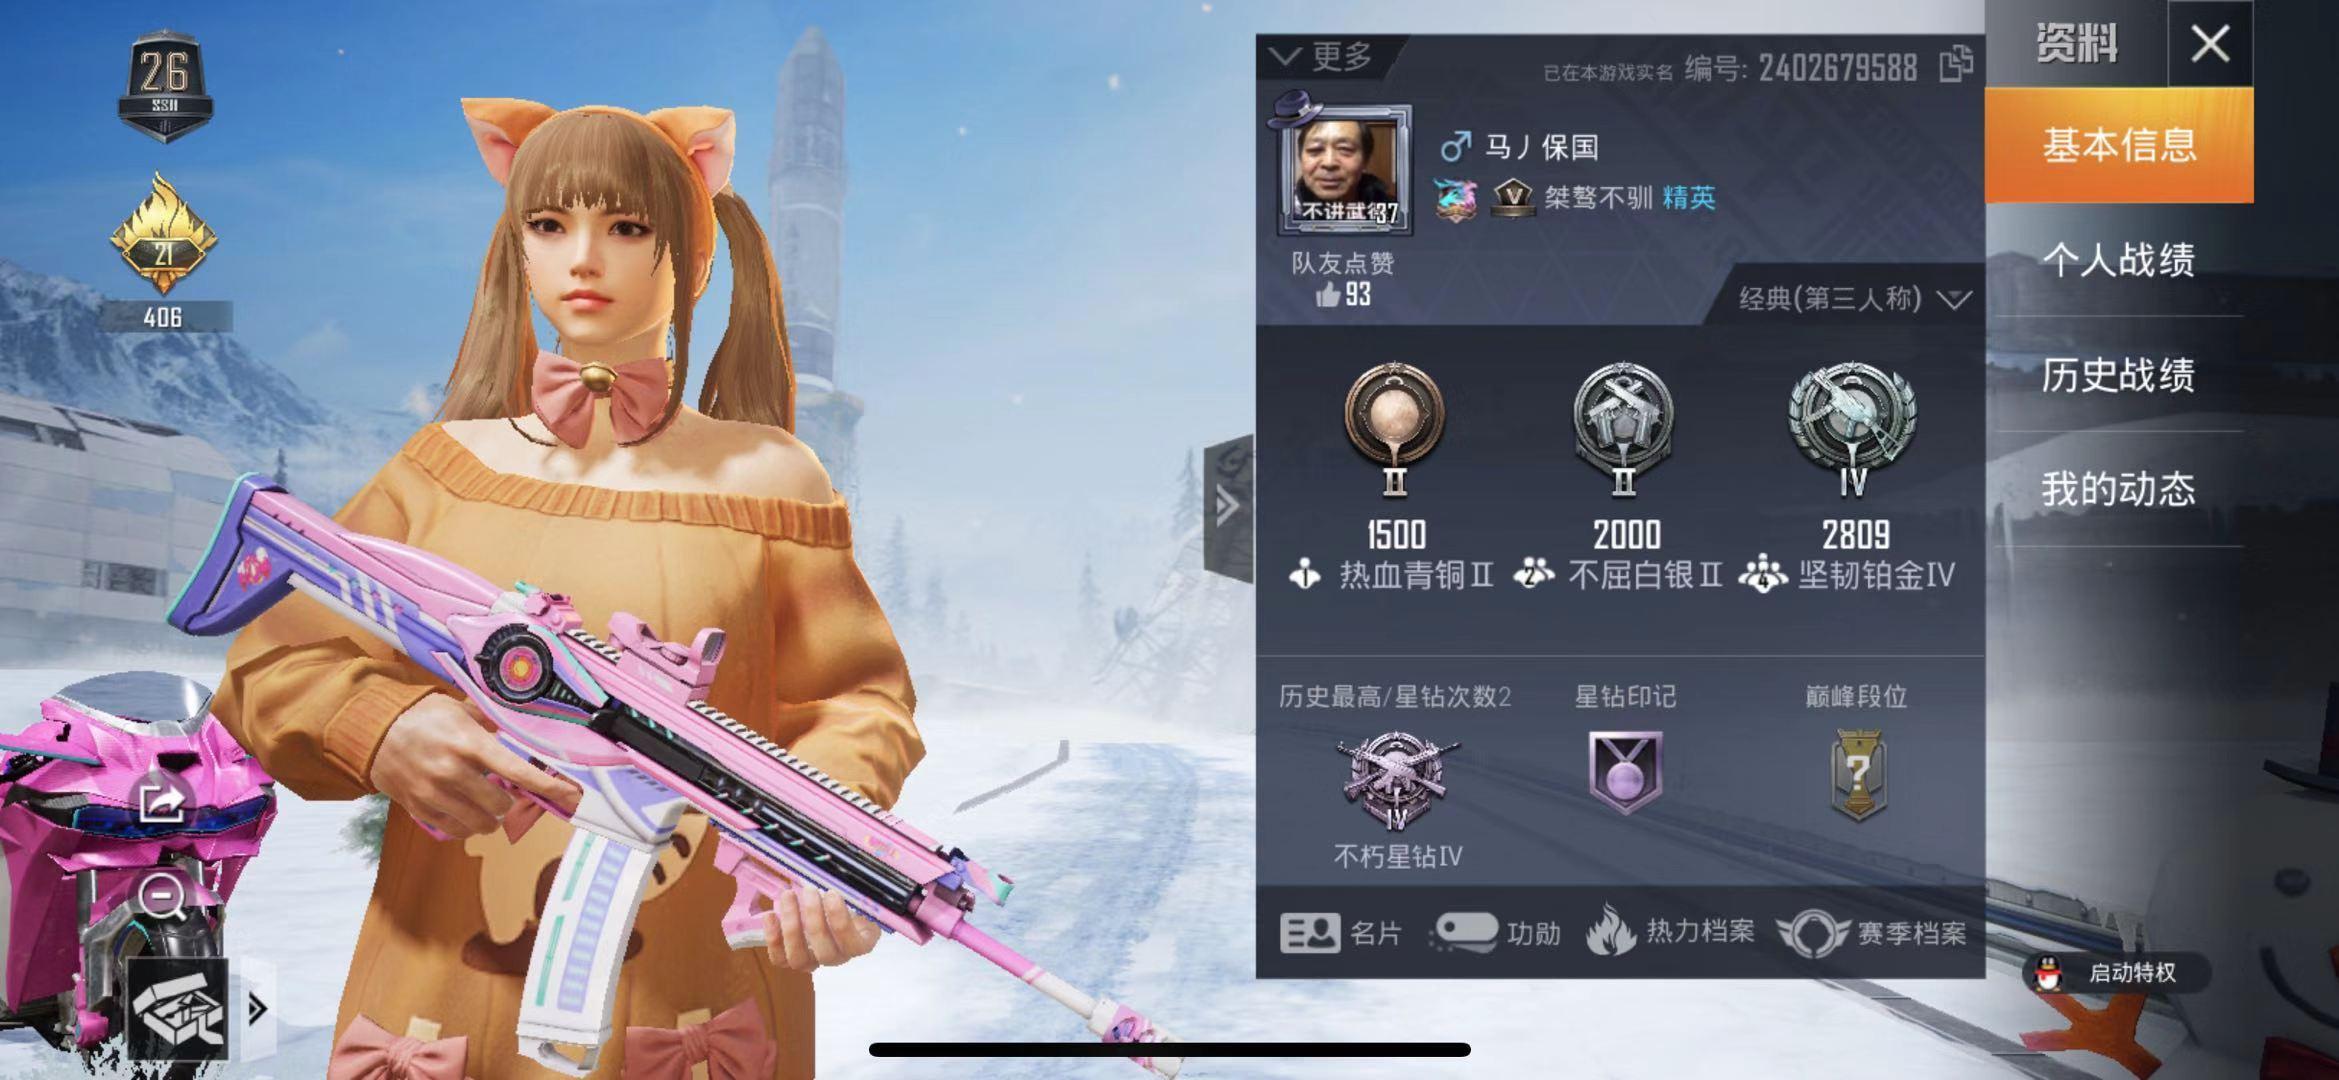 【苹果QQ】20套装-20枪皮   梦幻火箭双人摩托-4级梦幻火箭SGARL-飞行器-缤纷油彩-火箭少女除了衣服套装其余都有【破军】